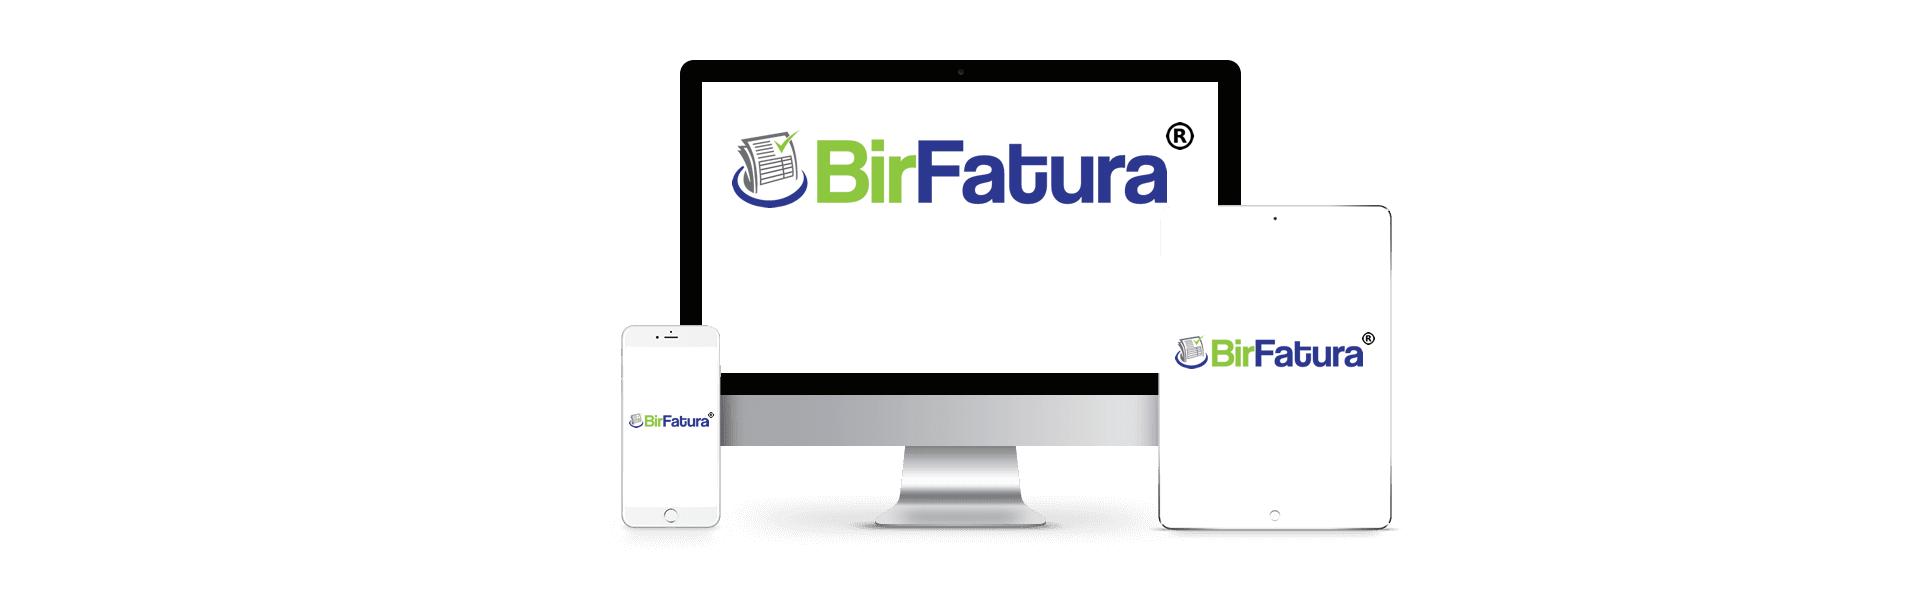 birfatura-bilgisayar-tablet-telefon.fw